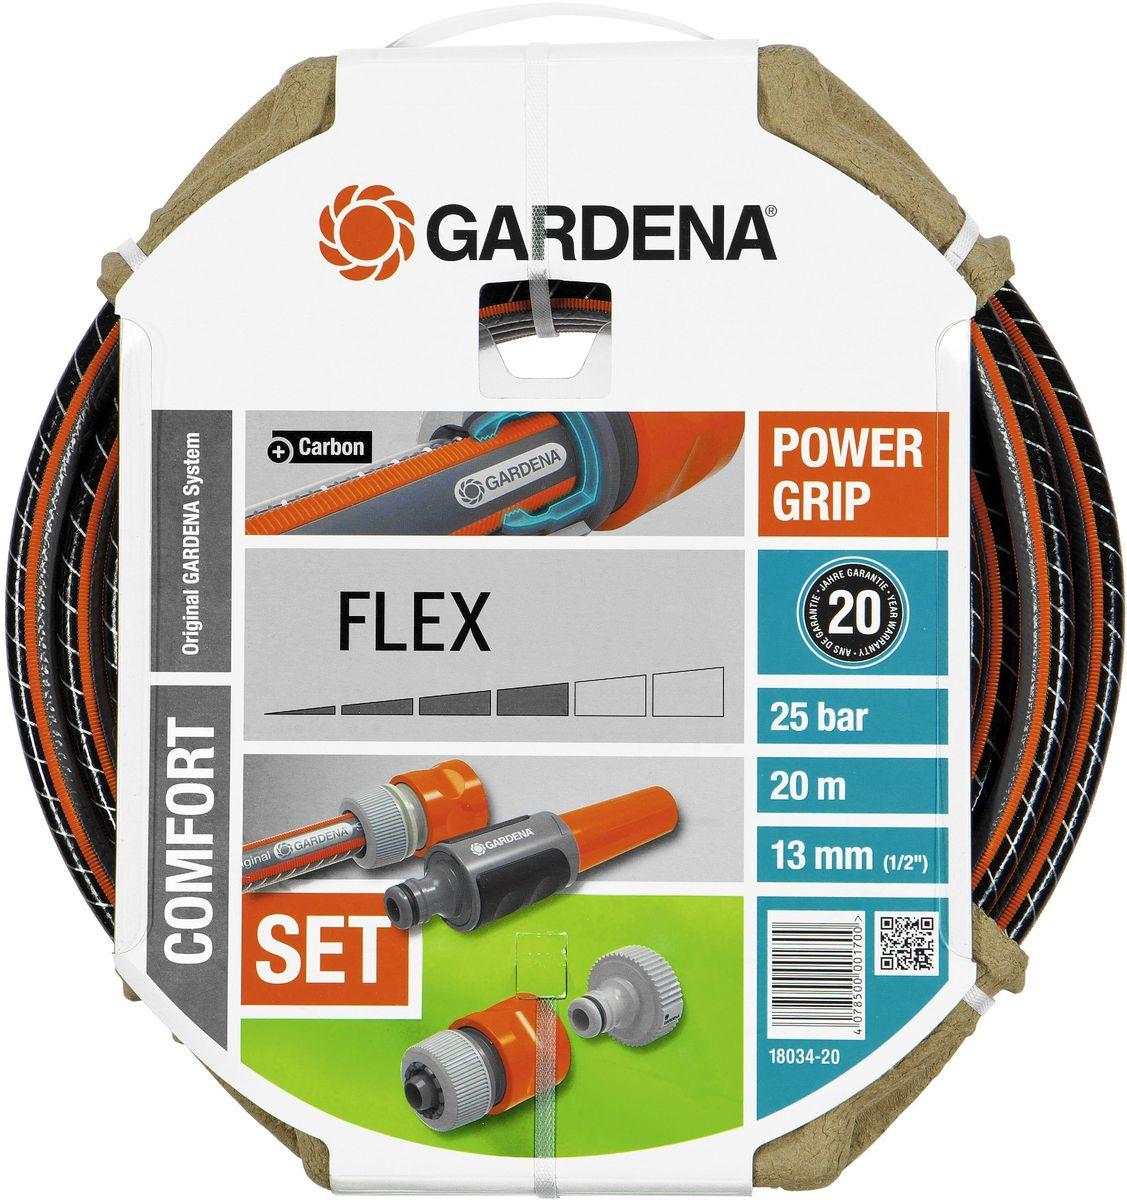 Шланг Gardena Flex, с аксессуарами, диаметр 1/2, длина 20 м96515412Шланг Gardena Flex имеет ребристый профиль Power Grip, который гарантирует идеальное соединение с коннекторами базовой системы полива. Текстильное армирование, усиленное углеродом, препятствует перегибанию, спутыванию и перекручиванию шланга во время эксплуатации. Отсутствие фталатов, тяжелых металлов и невосприимчивость к УФ-излучению делают шланг экологичным, а благодаря толстым стенкам он служит долго. Выдерживает высокое давление до 25 бар.В комплекте с данным шлангом поставляются соединительные элементы системы Original Gardena: резьбовой штуцер, адаптер, коннектор с автостопом и наконечник для полива.